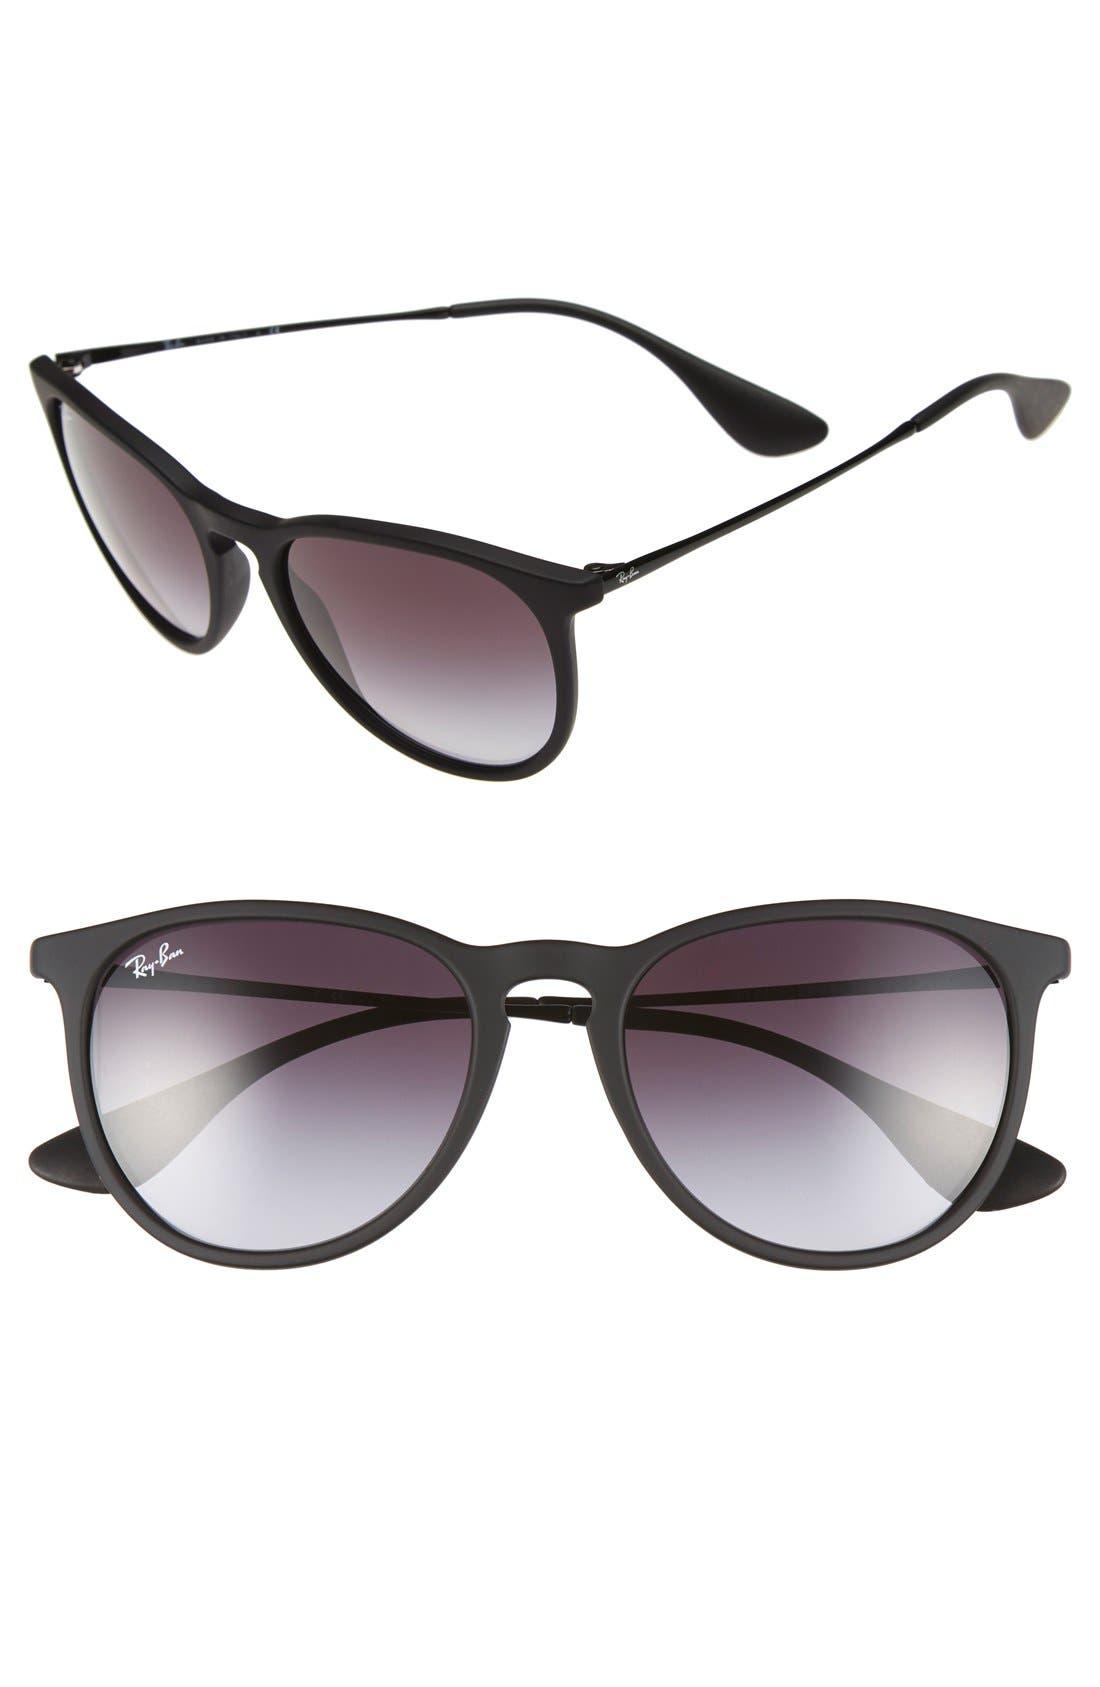 54mm Keyhole Sunglasses,                         Main,                         color, MATTE BLACK